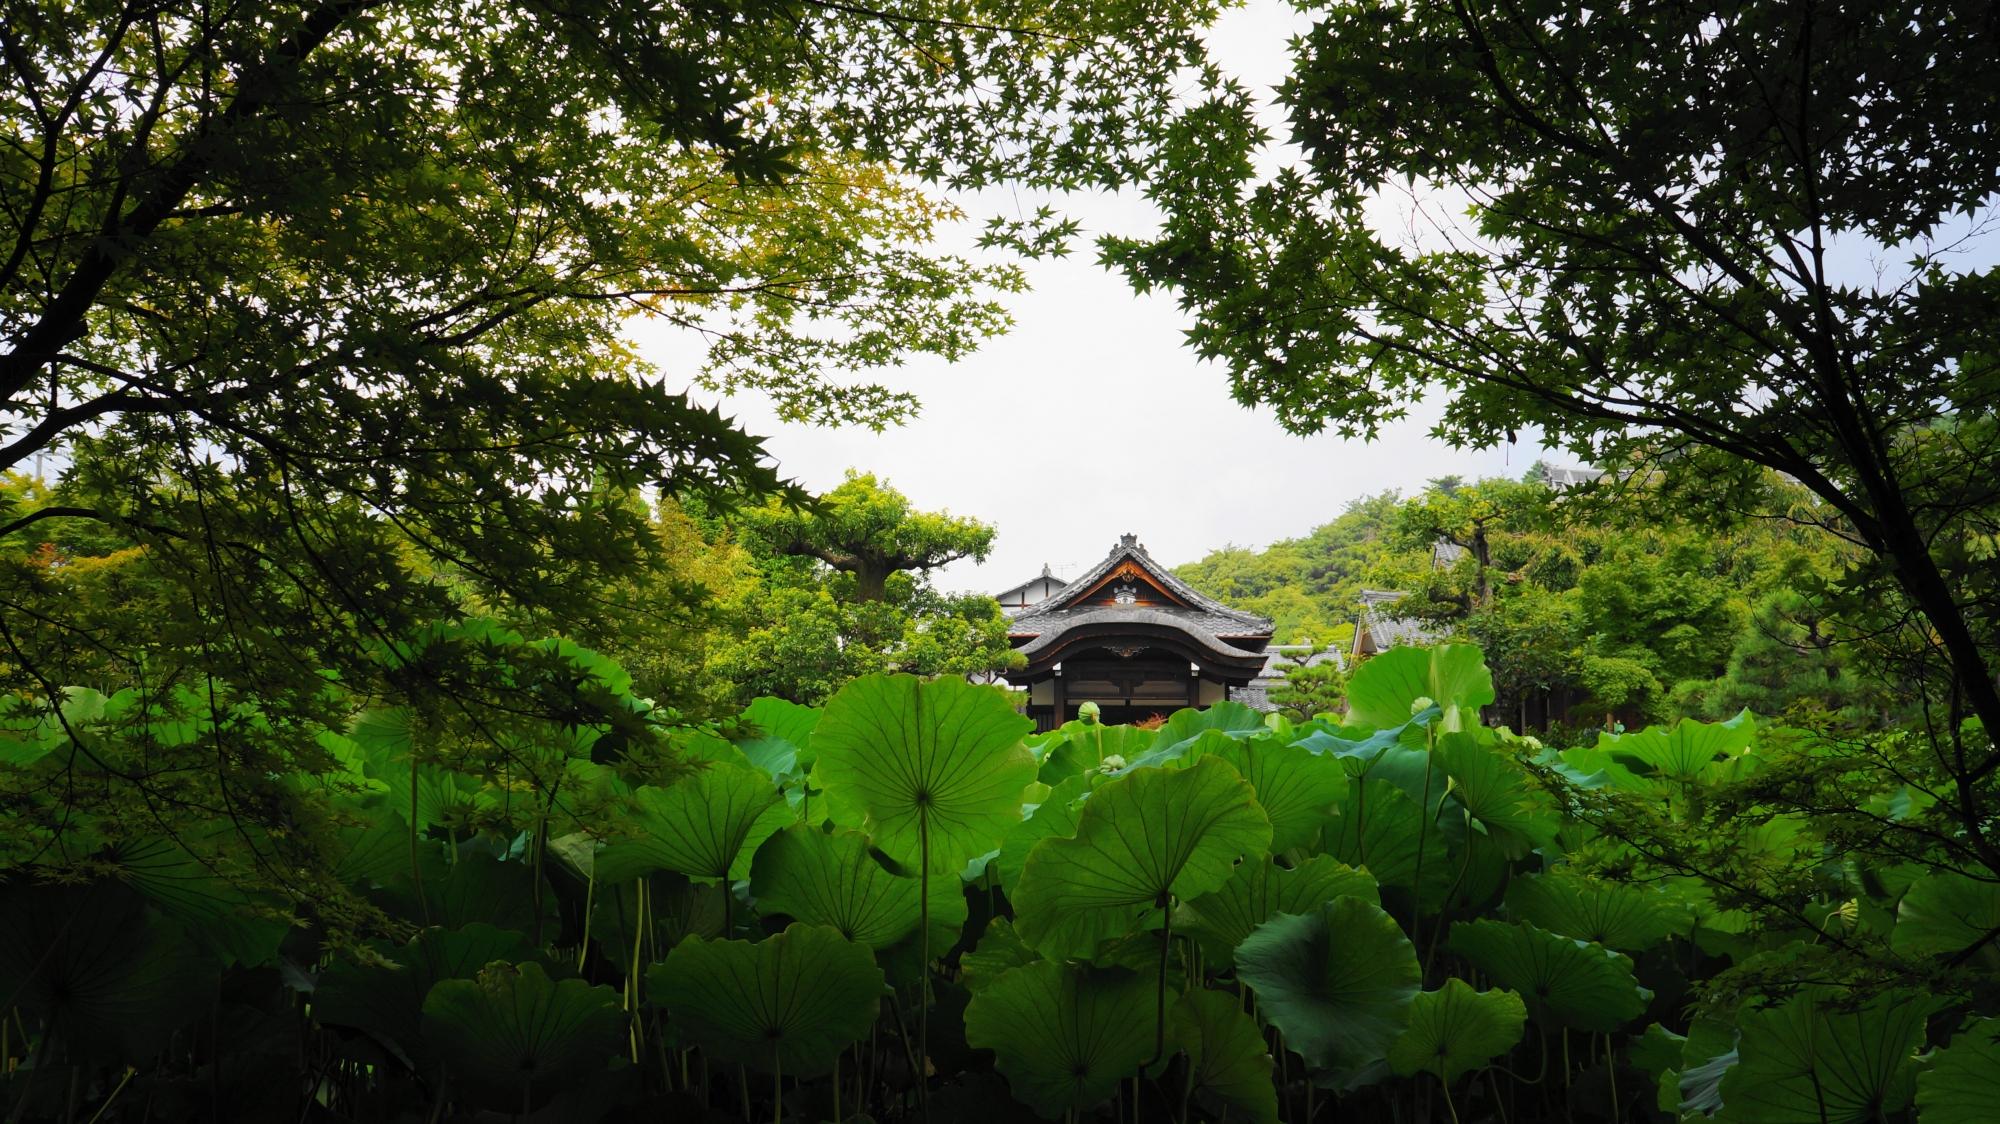 深い緑の青もみじや蓮の葉につつまれる庫裡大玄関